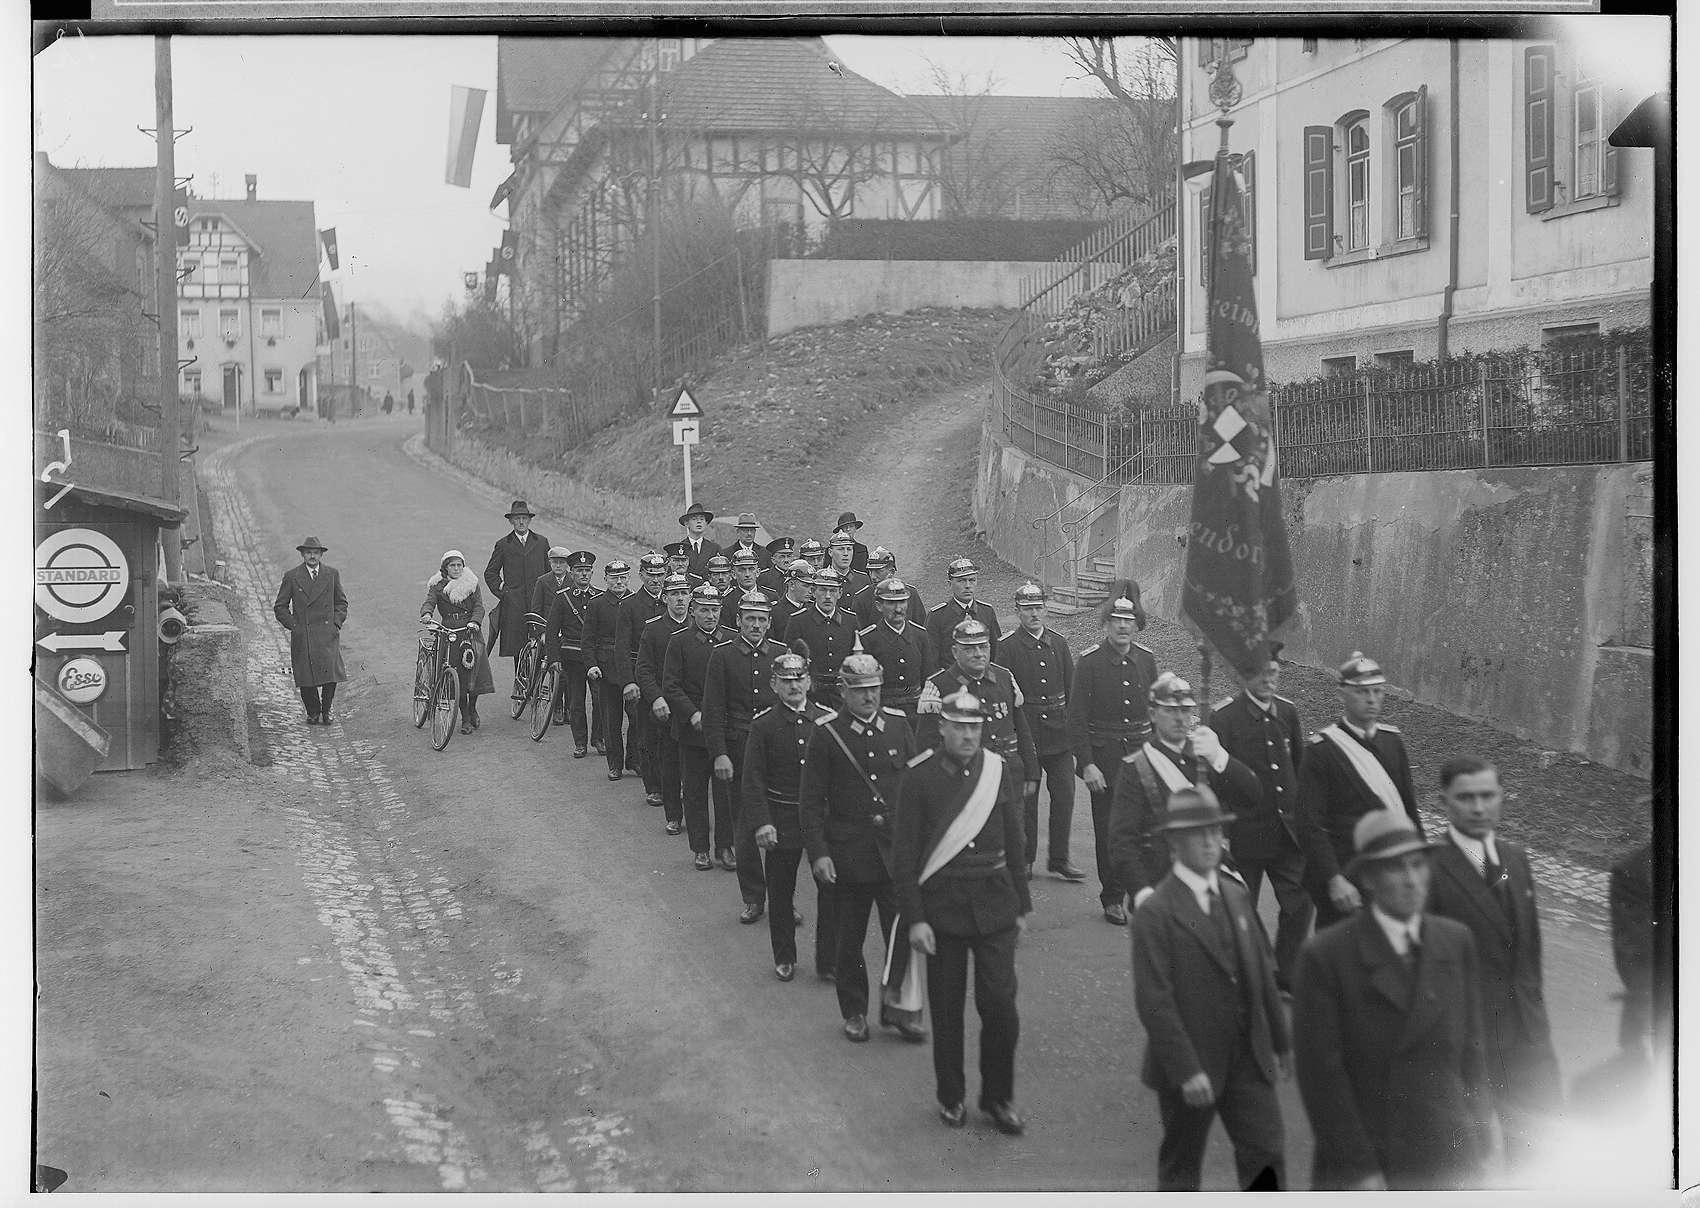 Primizfeier Ruf-Eisele in Sigmaringendorf 1936; Prozession in der Hauptstraße; Schluß der Prozession mit der Freiwilligen Feuerwehr Sigmaringendorf, Bild 1